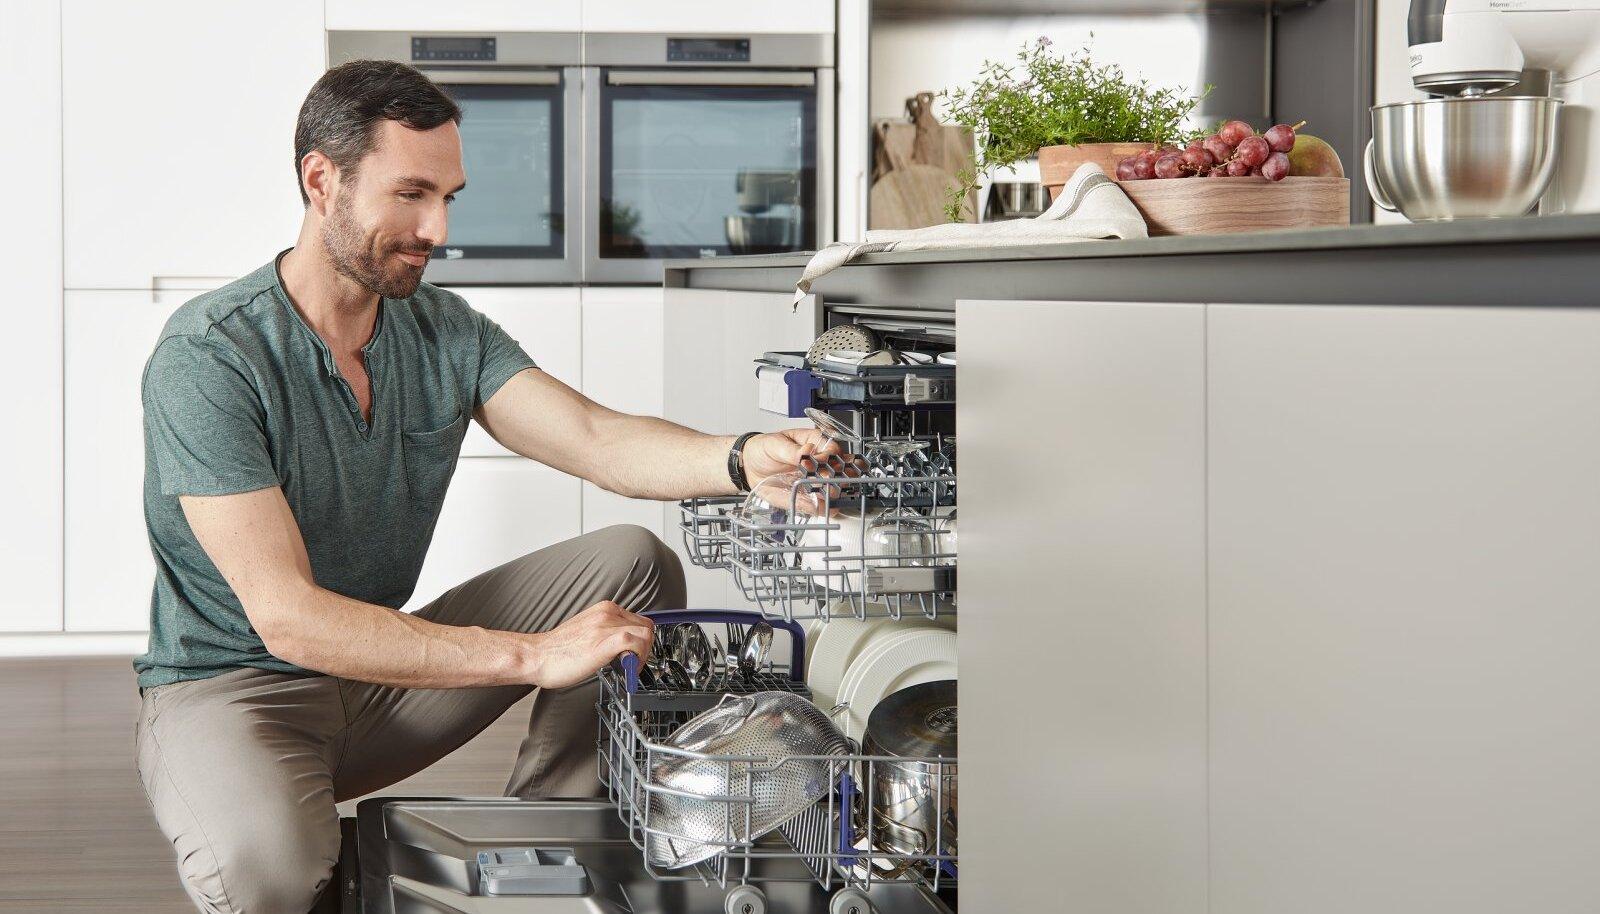 Nõudepesumasina suuruse ja tüübi määrab pereliikmete arv ning köögi suurus.